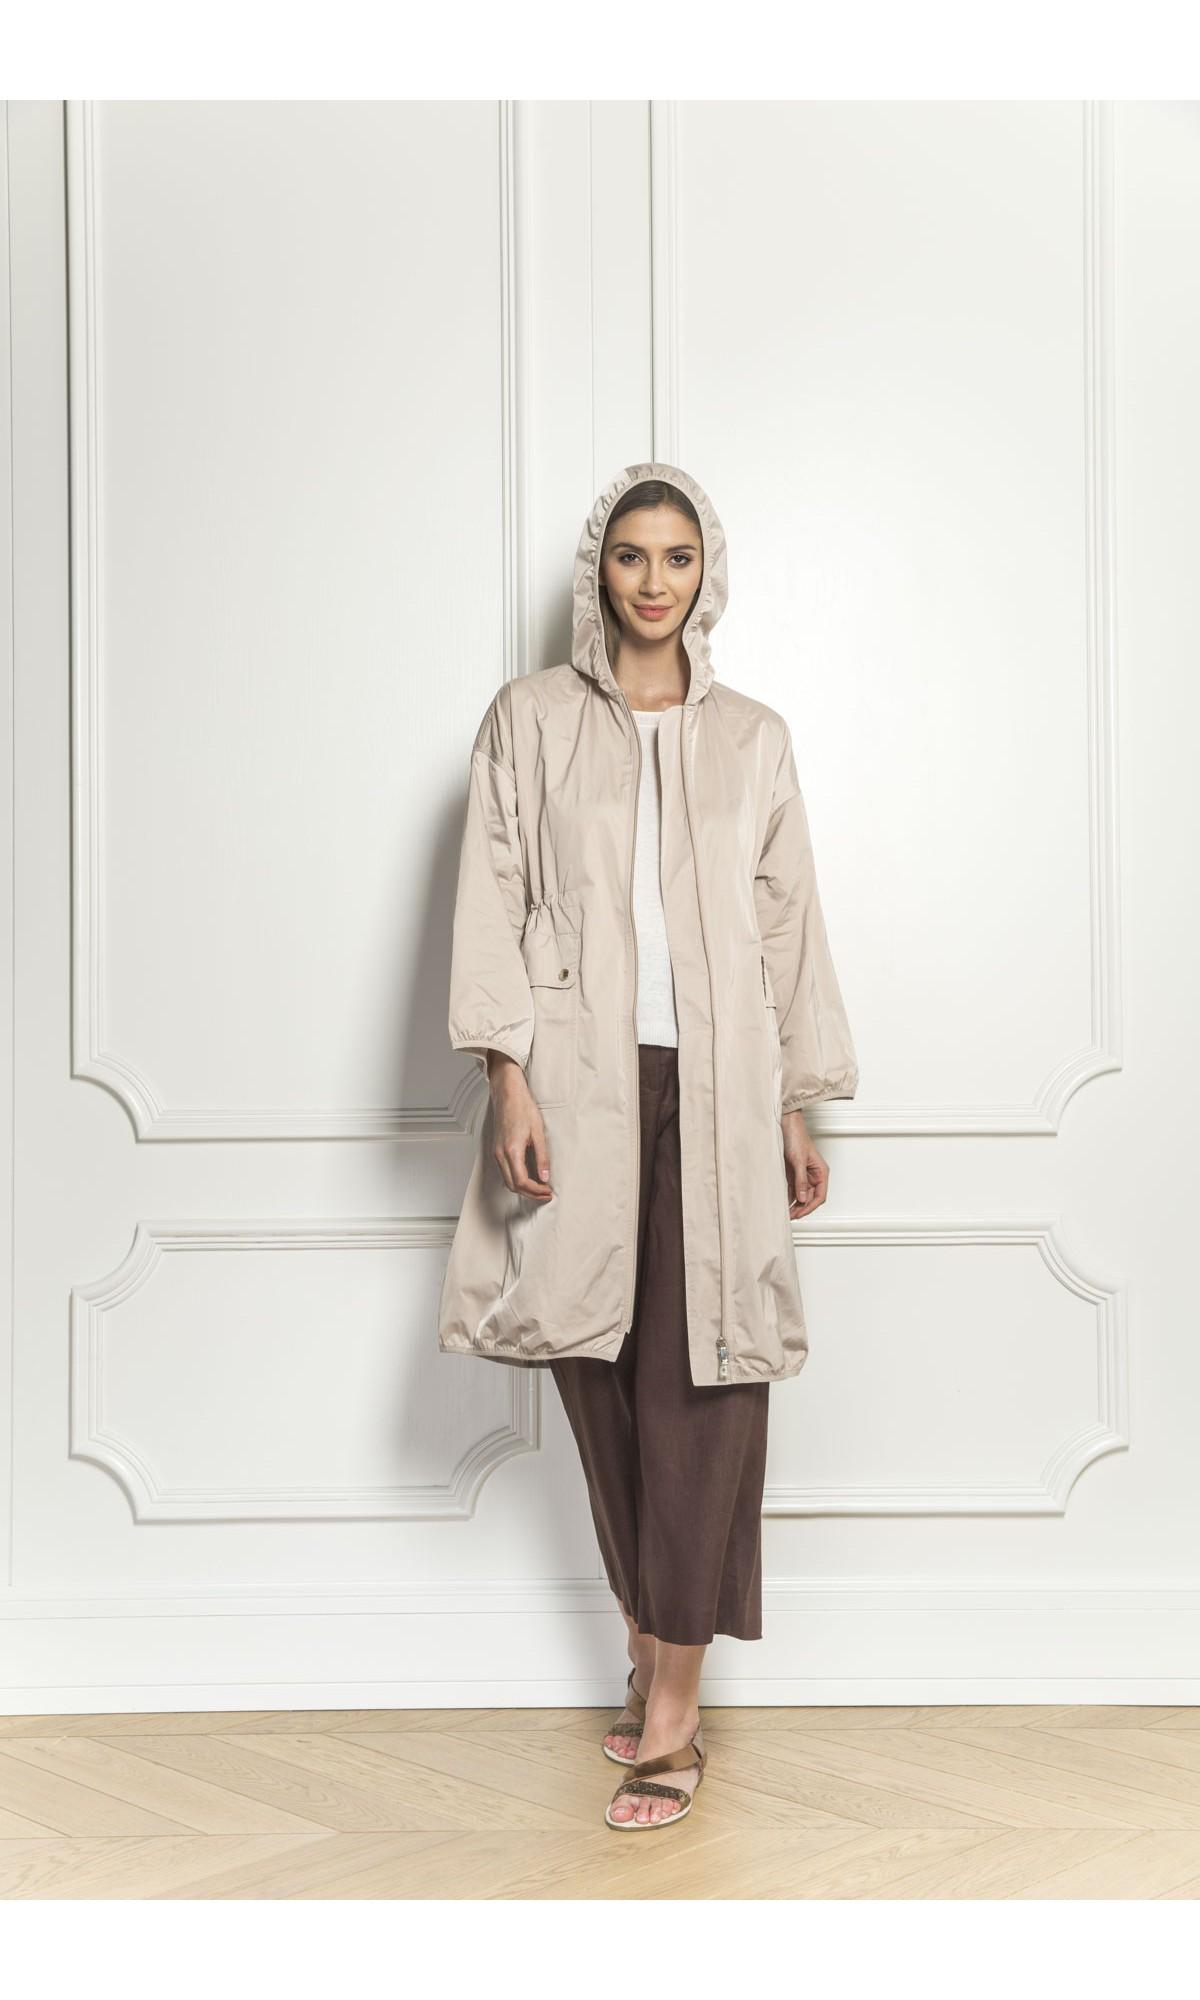 fcf3873c866db Odzież dla kobiet - Oficjalny sklep Tiffi